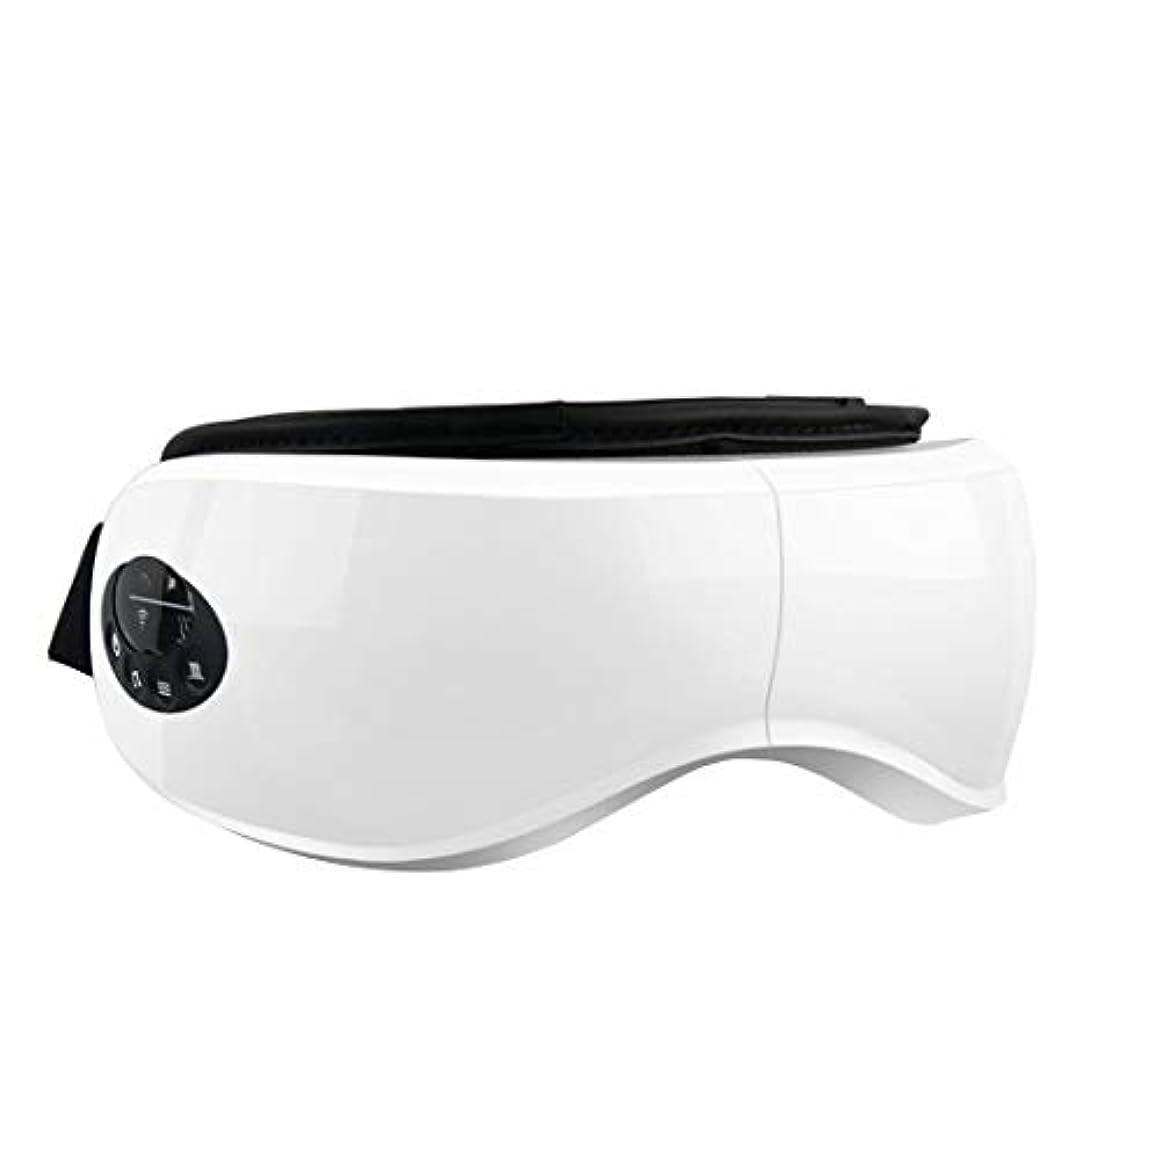 資料グローブクランプ方朝日スポーツ用品店 空気圧振動を伴う電気アイテンプルマッサージアイリラックス視力治療のための熱圧迫ストレス疲労